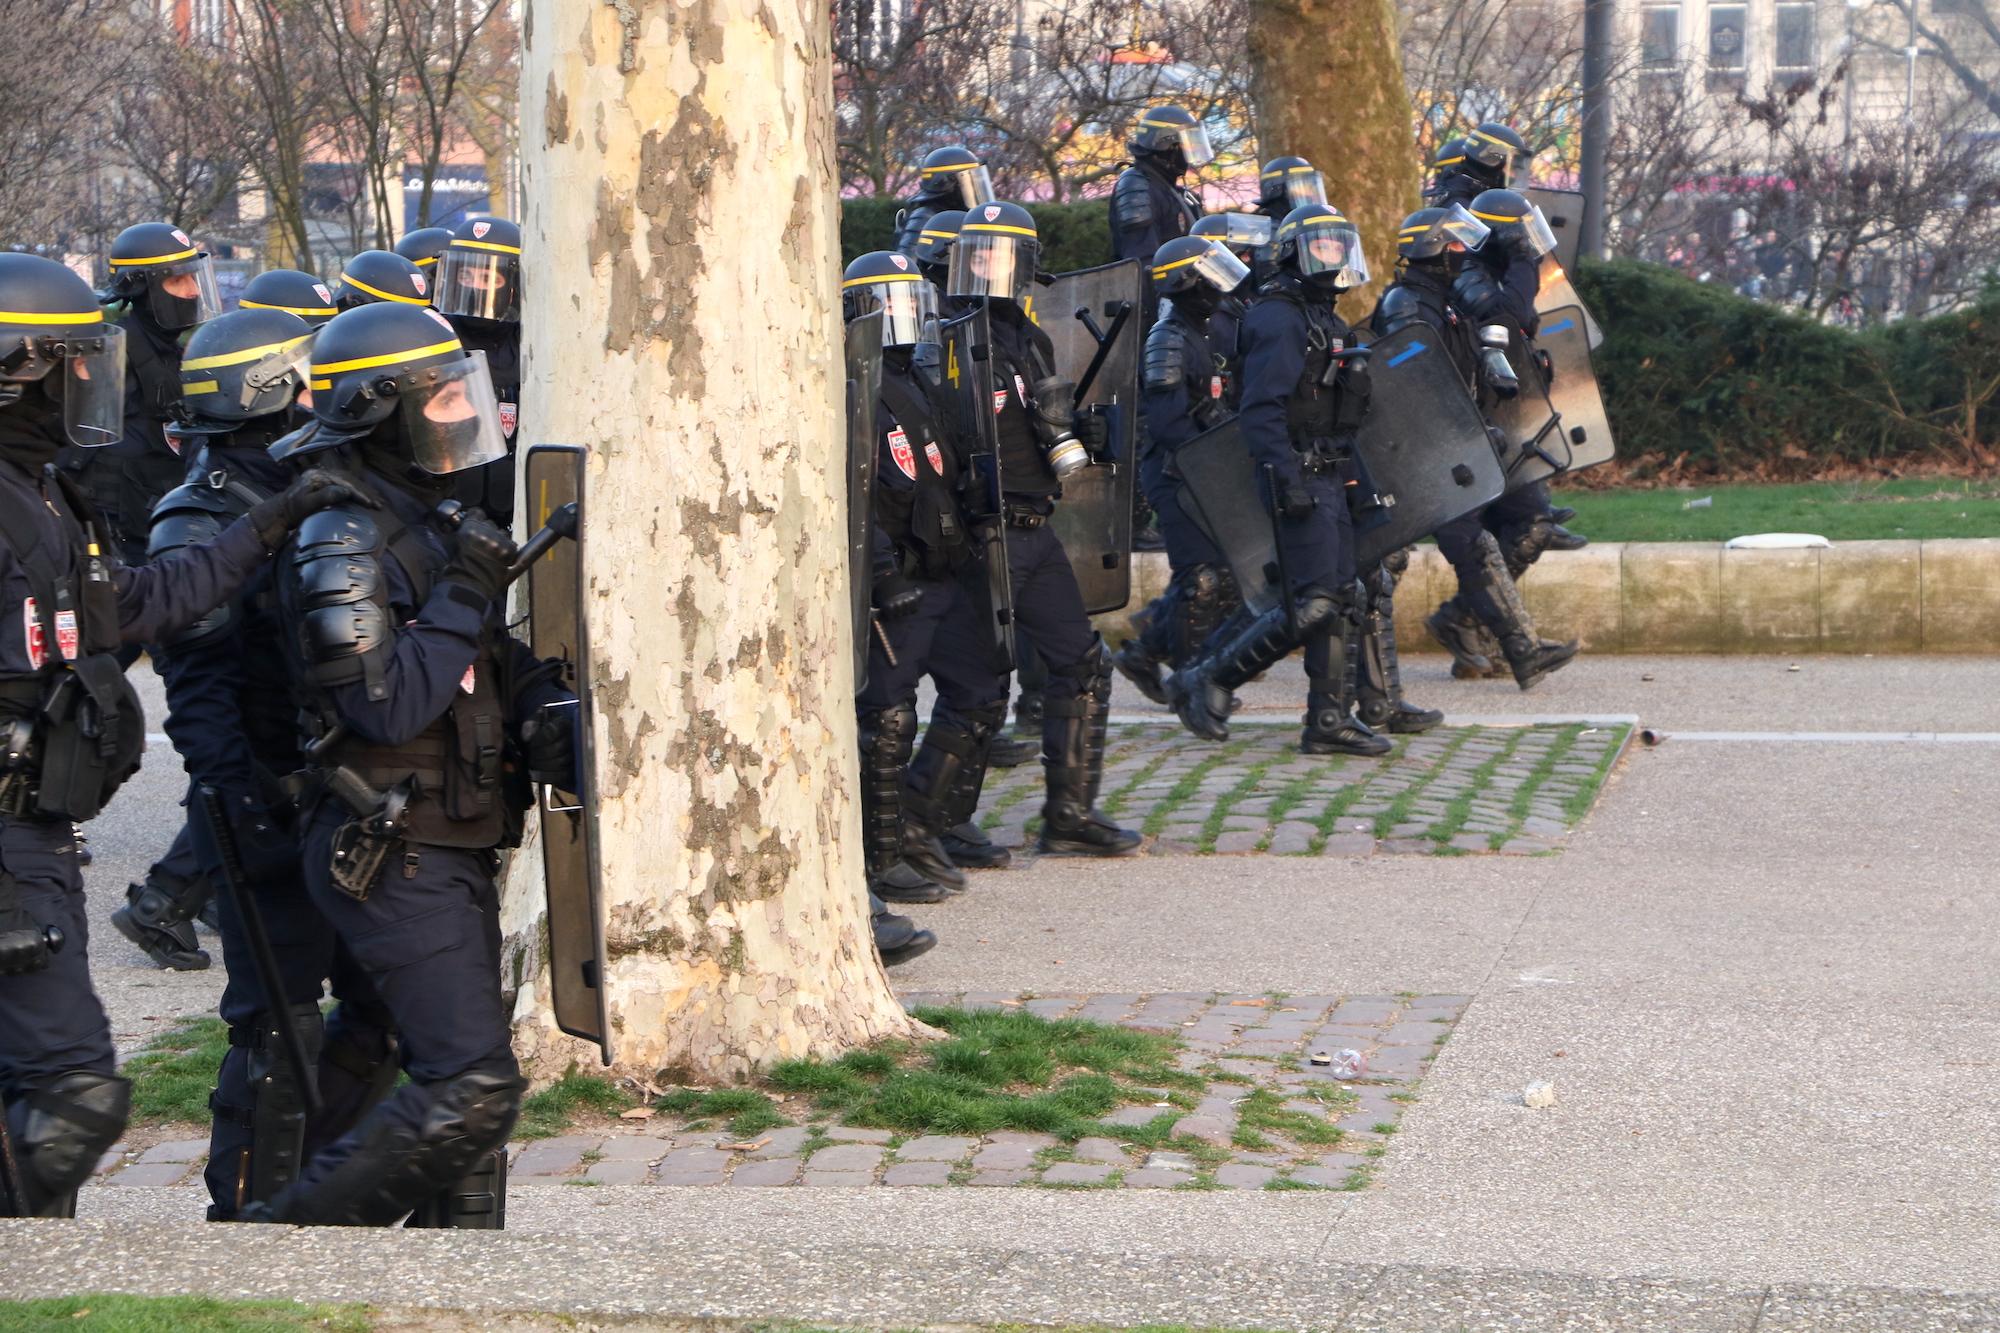 Dispersion des manifestants, charge des forces de l'ordre place République. Manifestation des gilets jaunes. Acte 19, samedi 23 mars 2019, Metz.©Maxime GONZALES